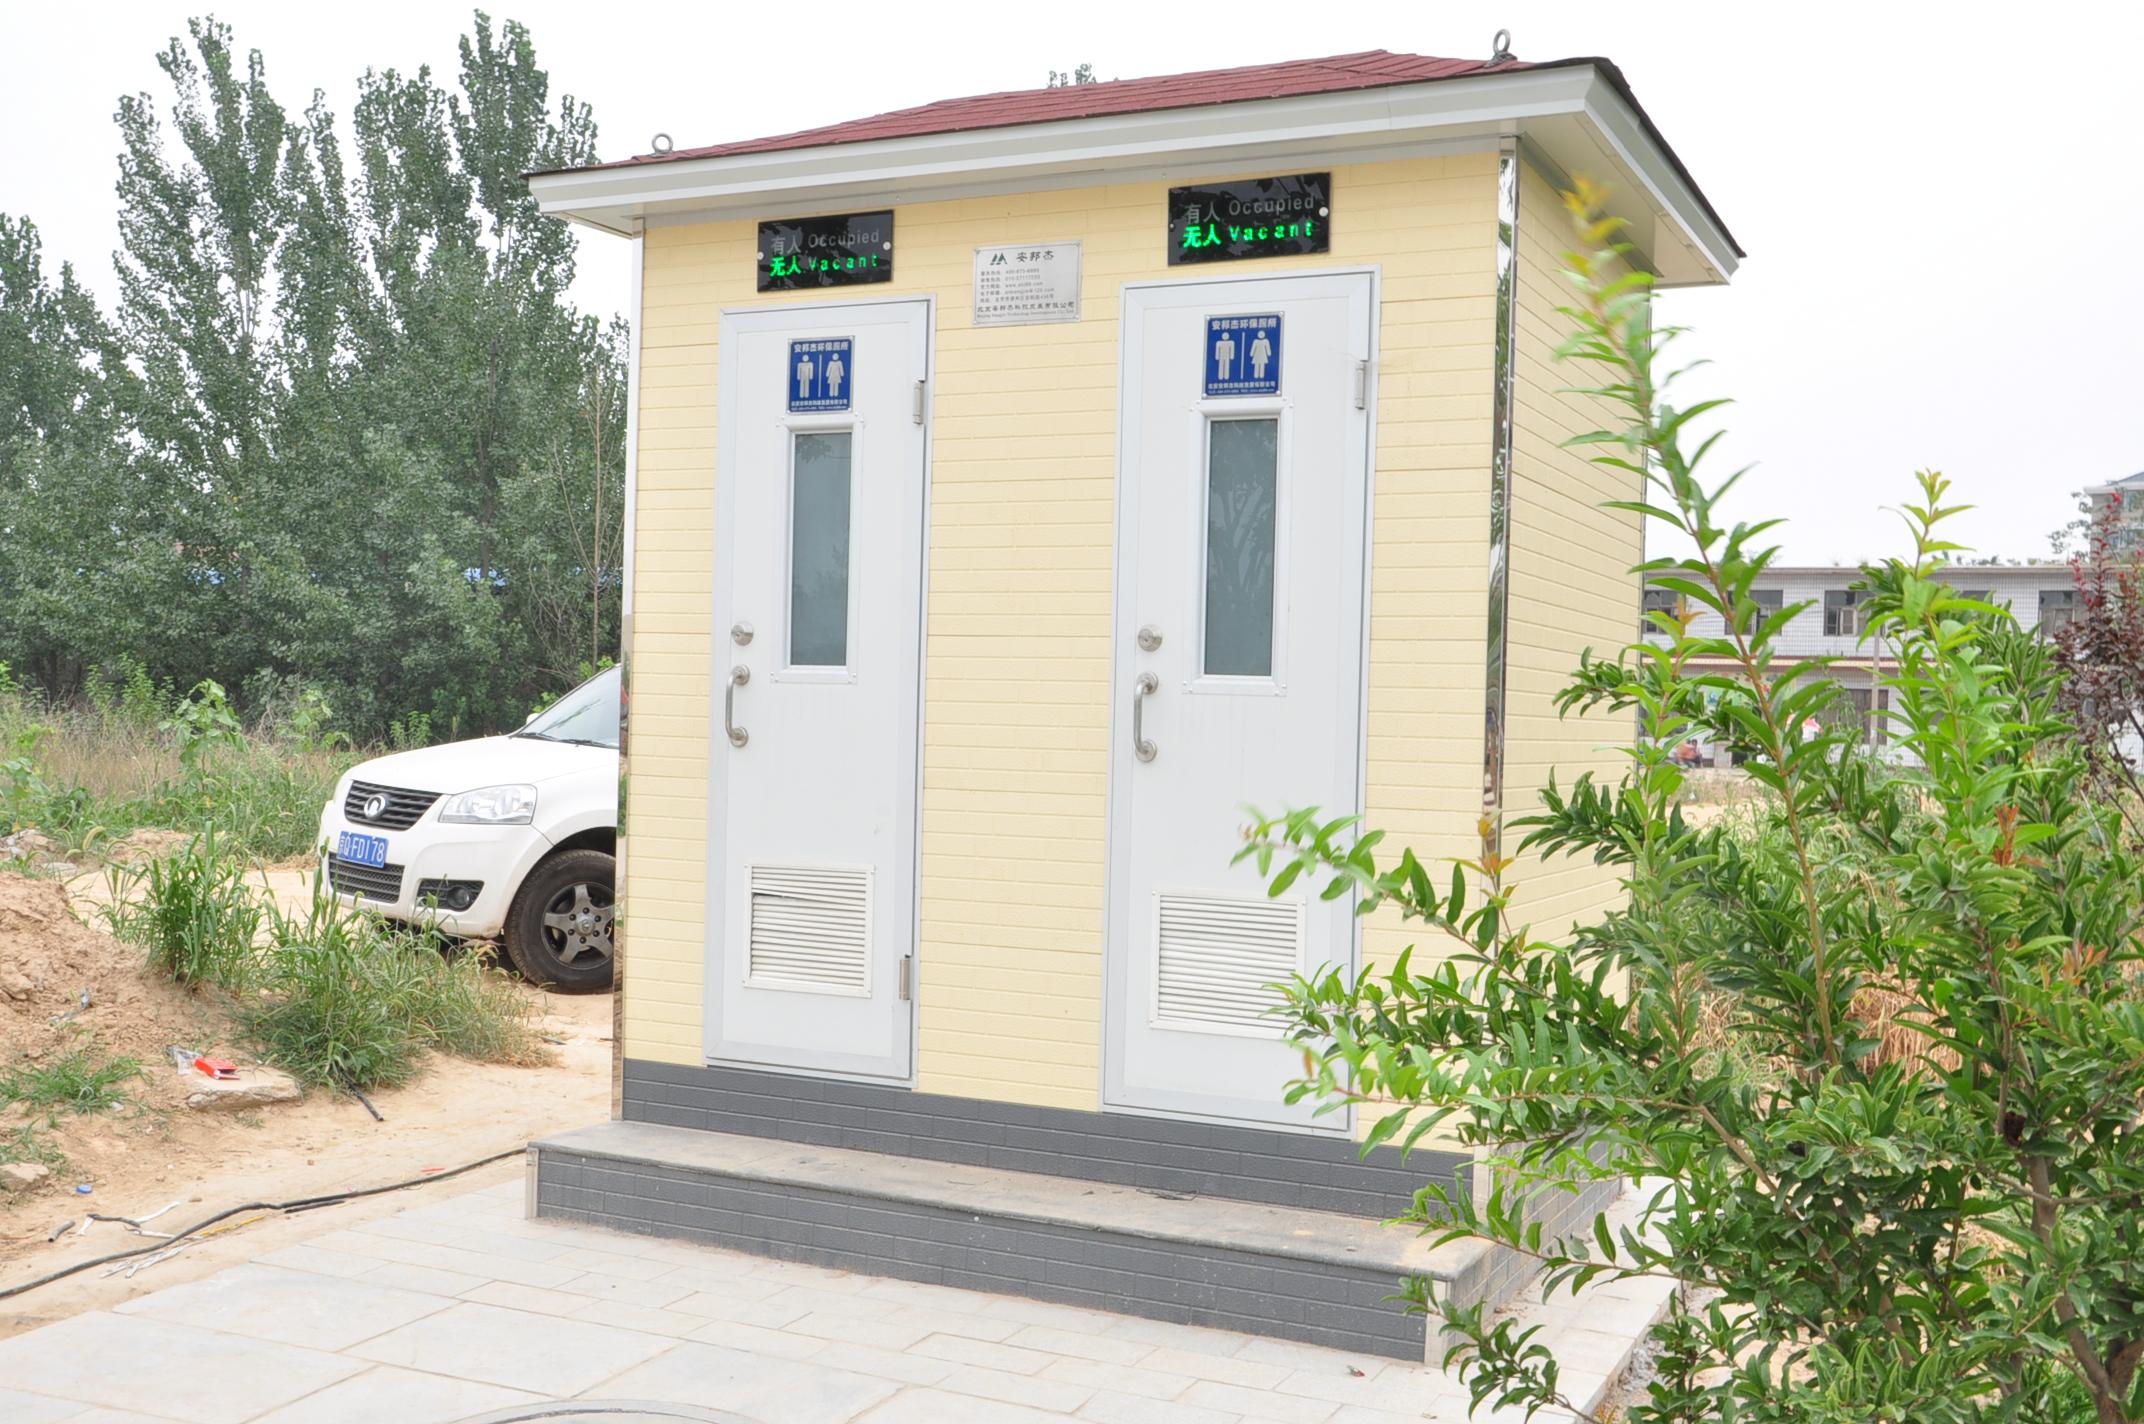 安邦杰泡沫封堵型厕所亮相于定兴东城公园